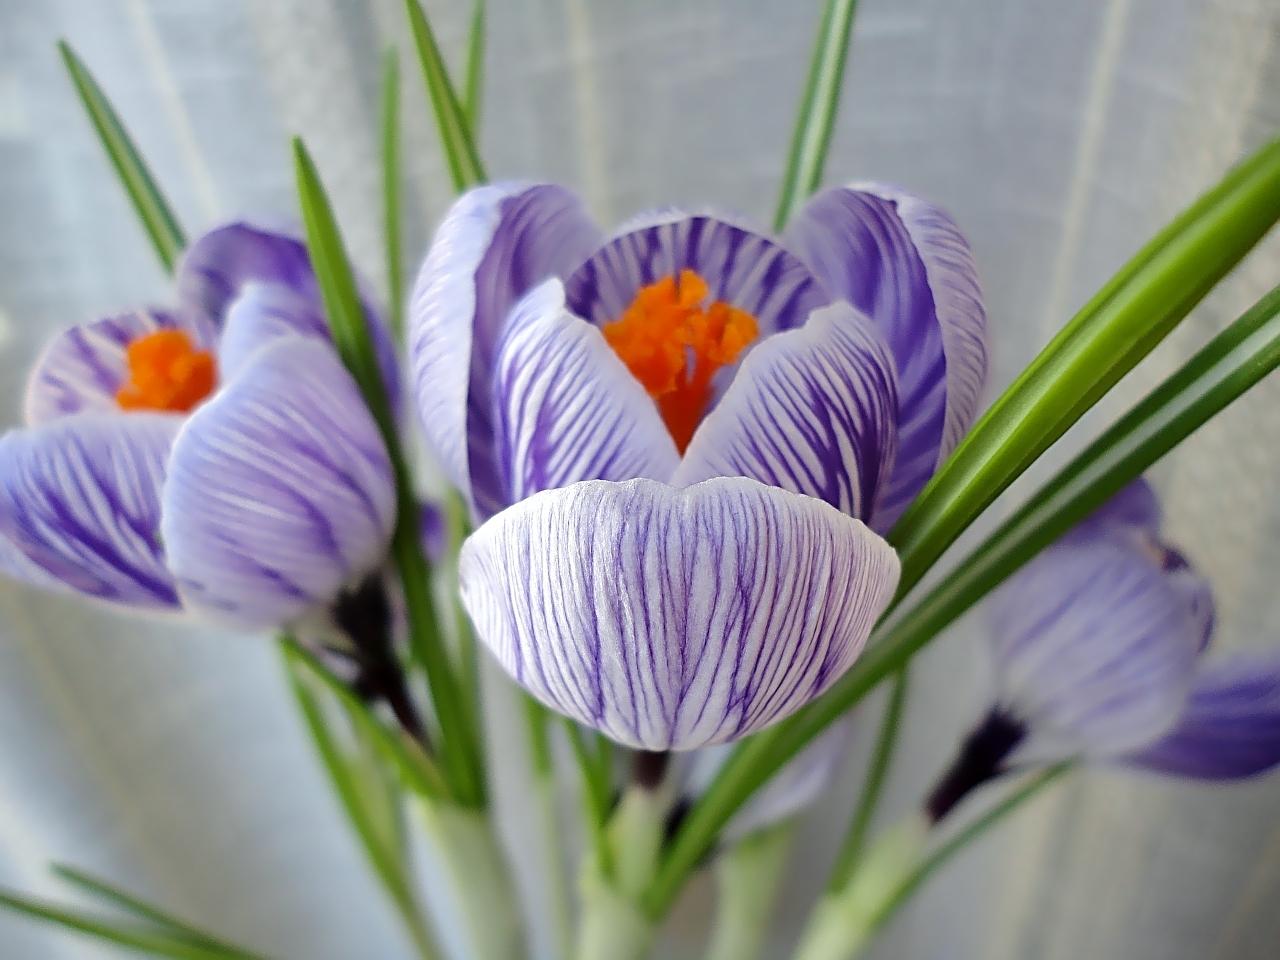 49981 скачать обои Растения, Цветы - заставки и картинки бесплатно